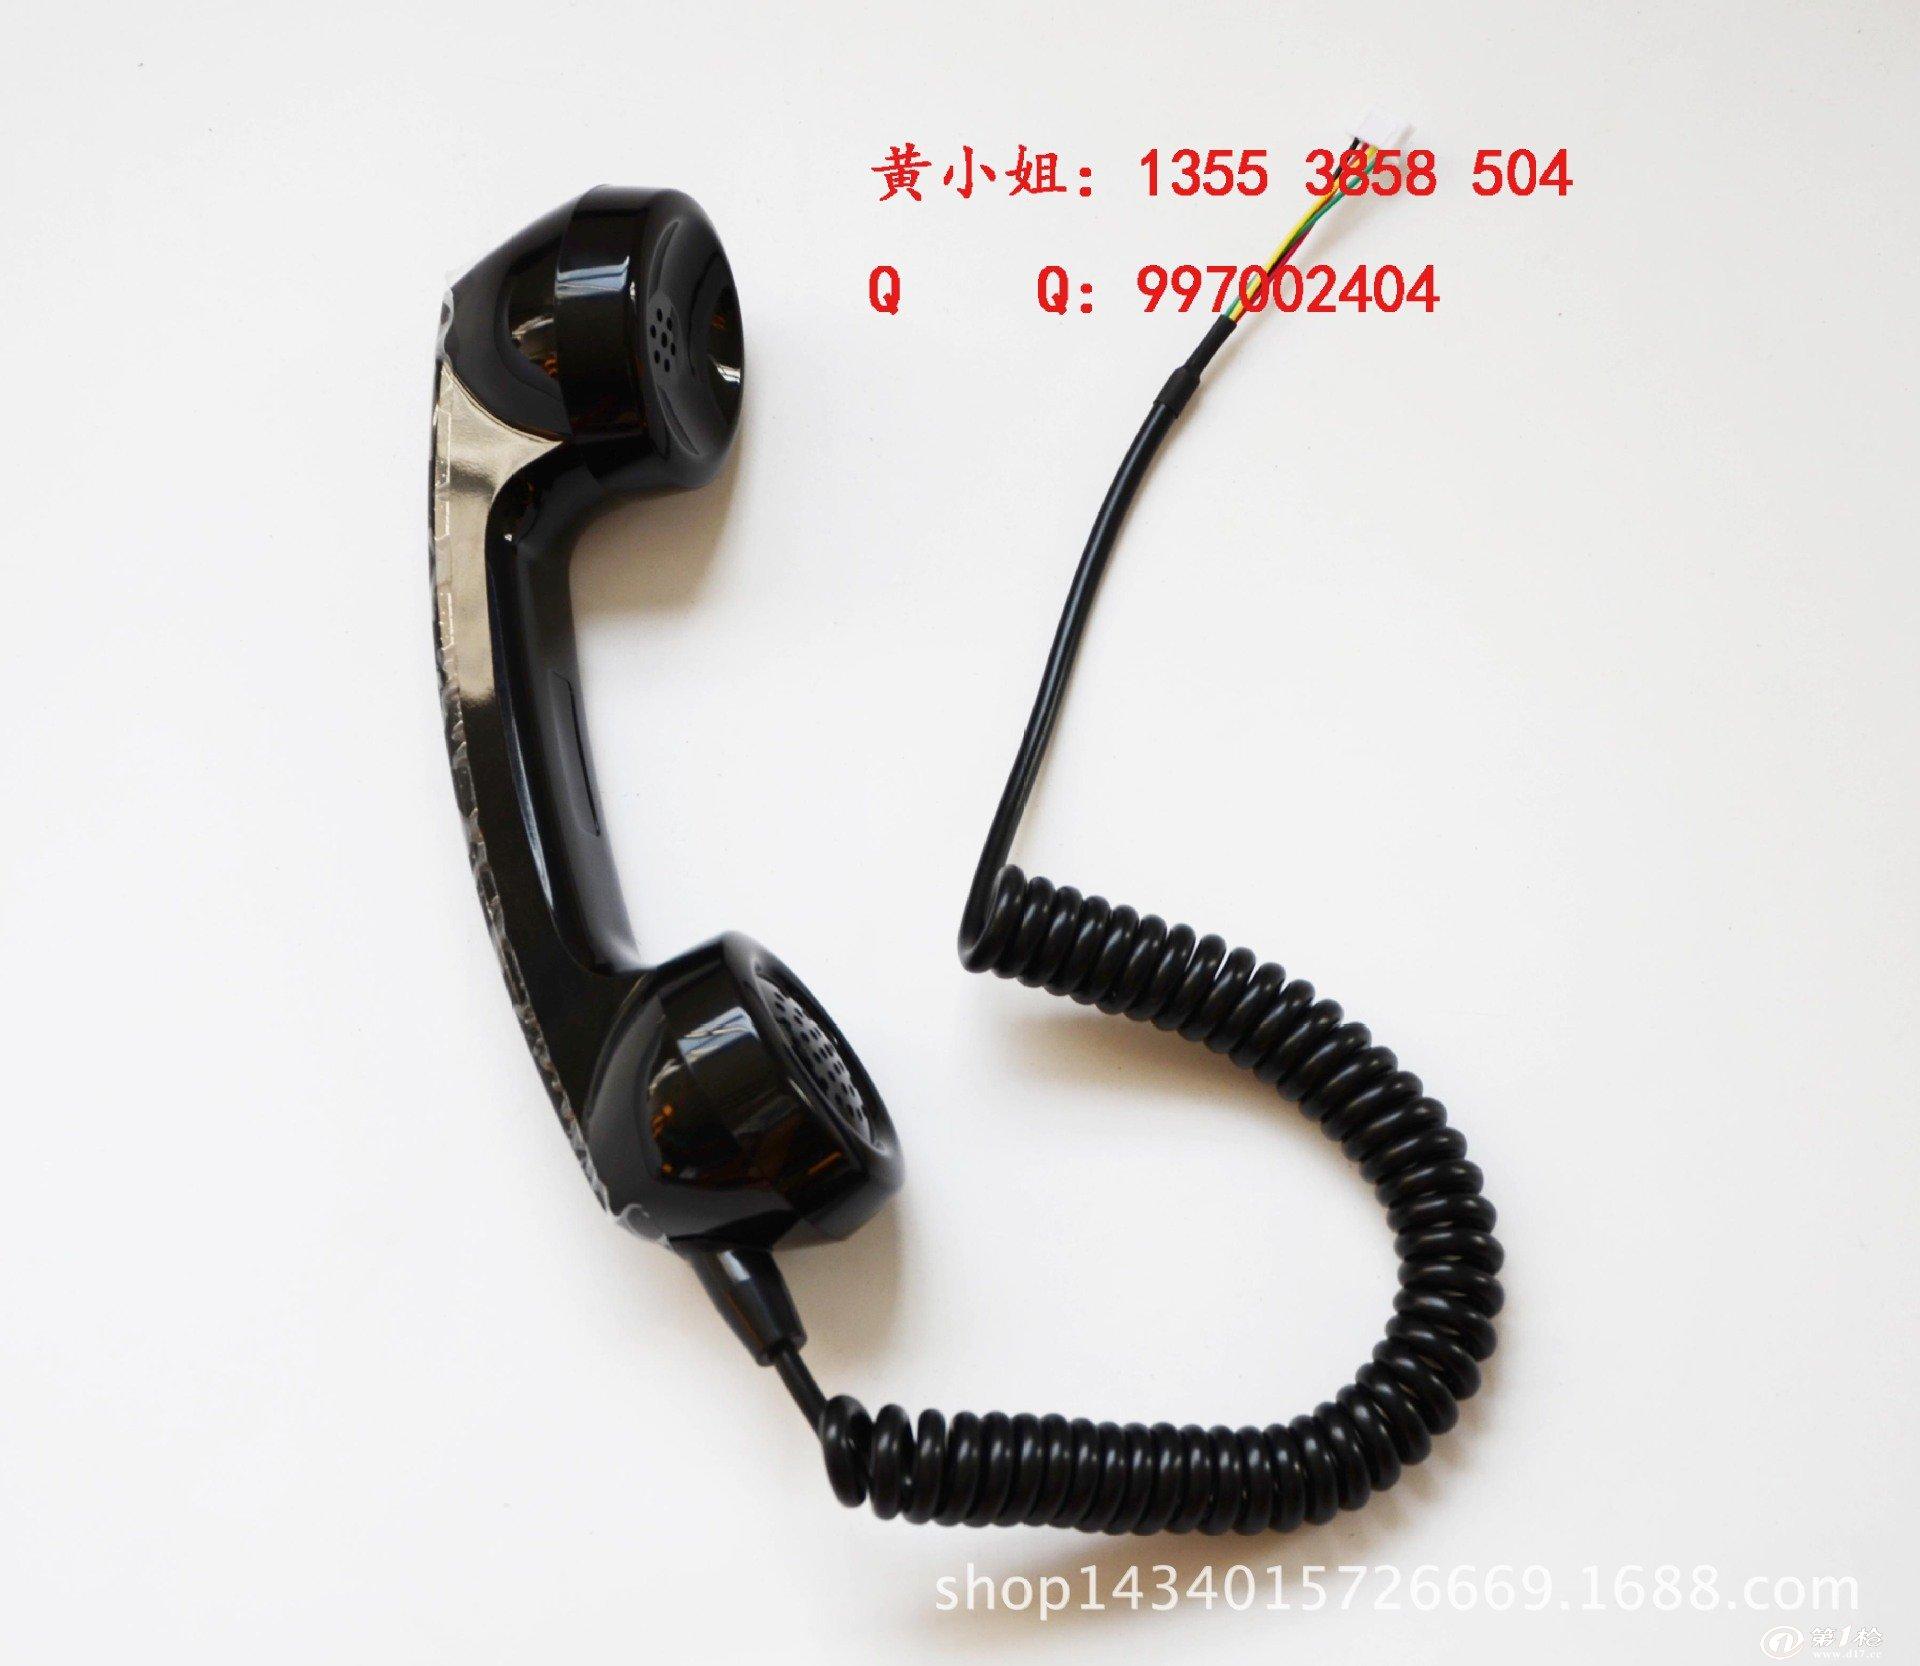 转曲线公用电话机手柄